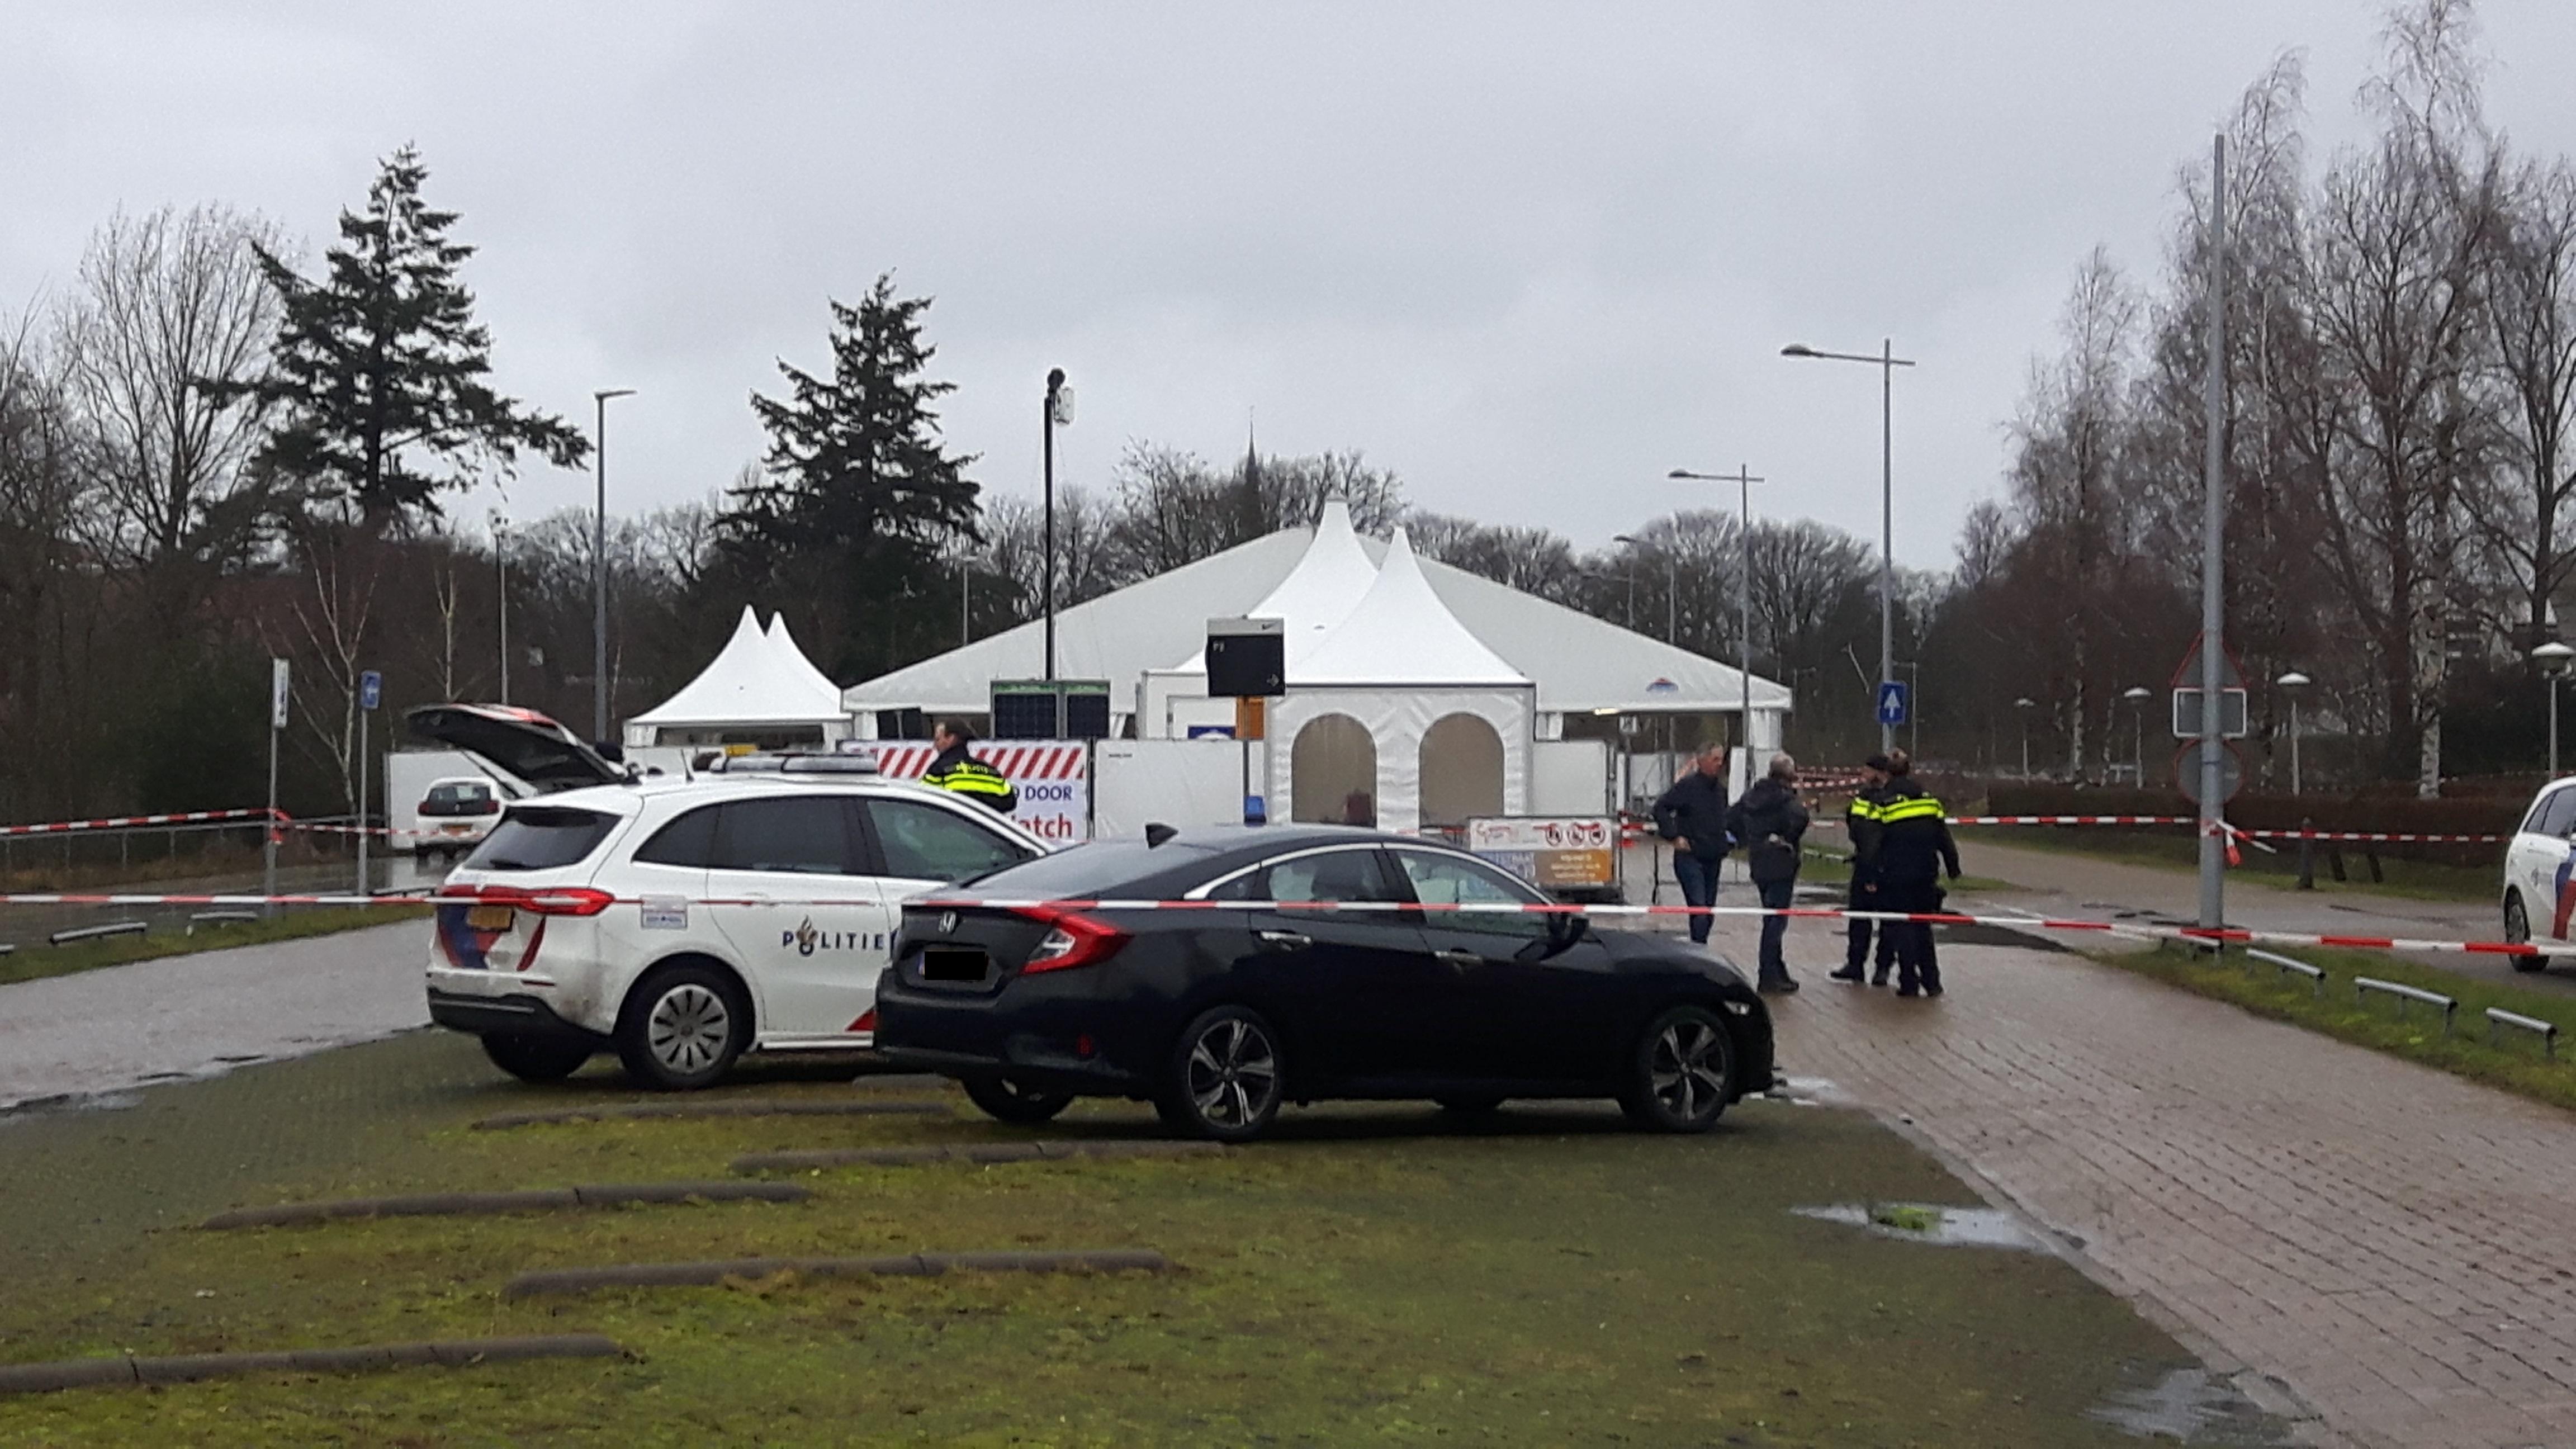 Brandbare goederen met vuurwerk gevonden bij coronateststraat in Hilversum; teststraat blijft de hele dag dicht en omliggende gebouwen ontruimd [video]